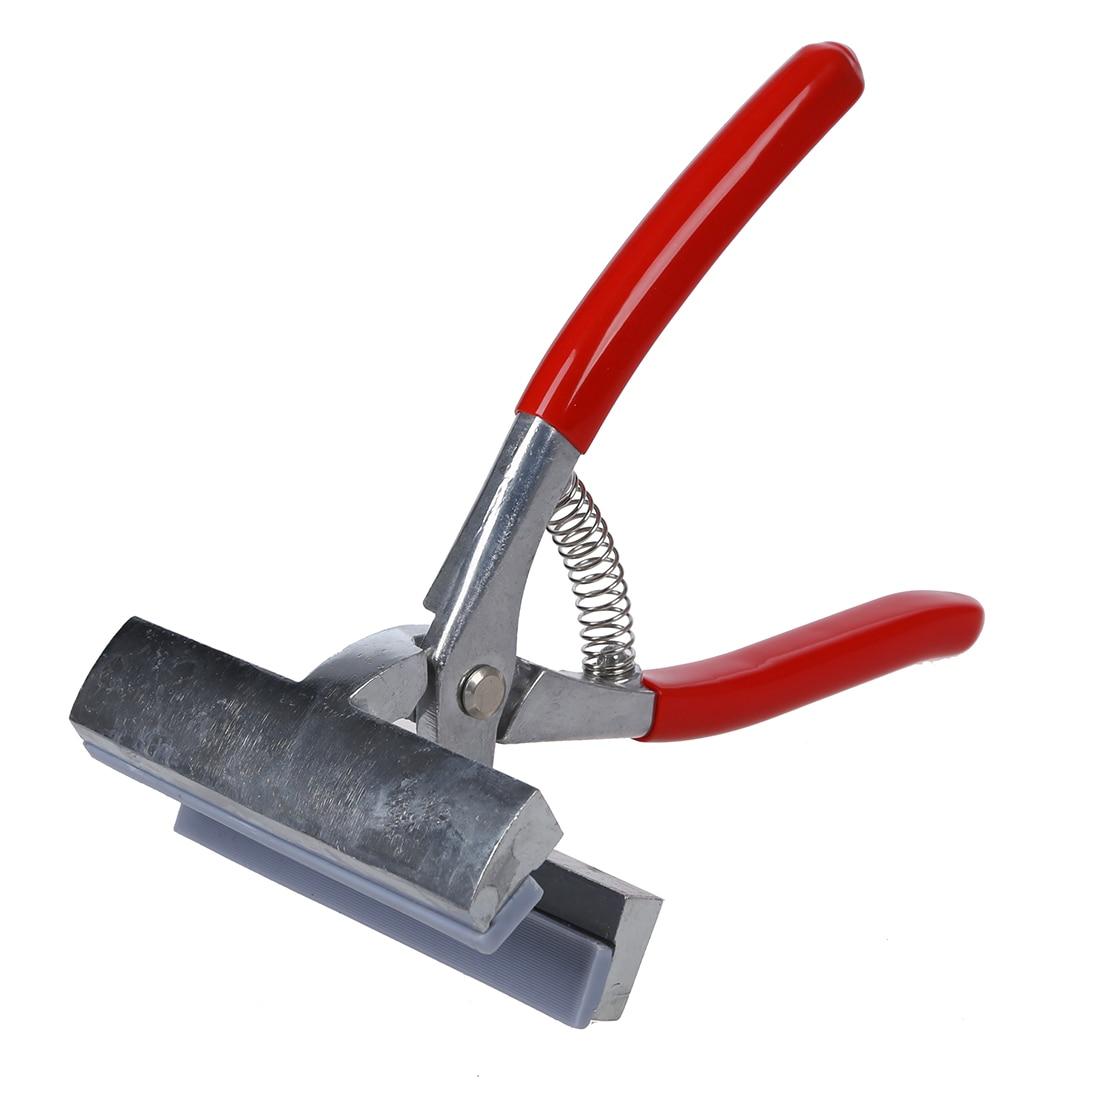 DSHA Neue Heiße Aluminium Legierung Leinwand Stretching Zange Öl Malerei Zangen Rot Schaft mit Frühling